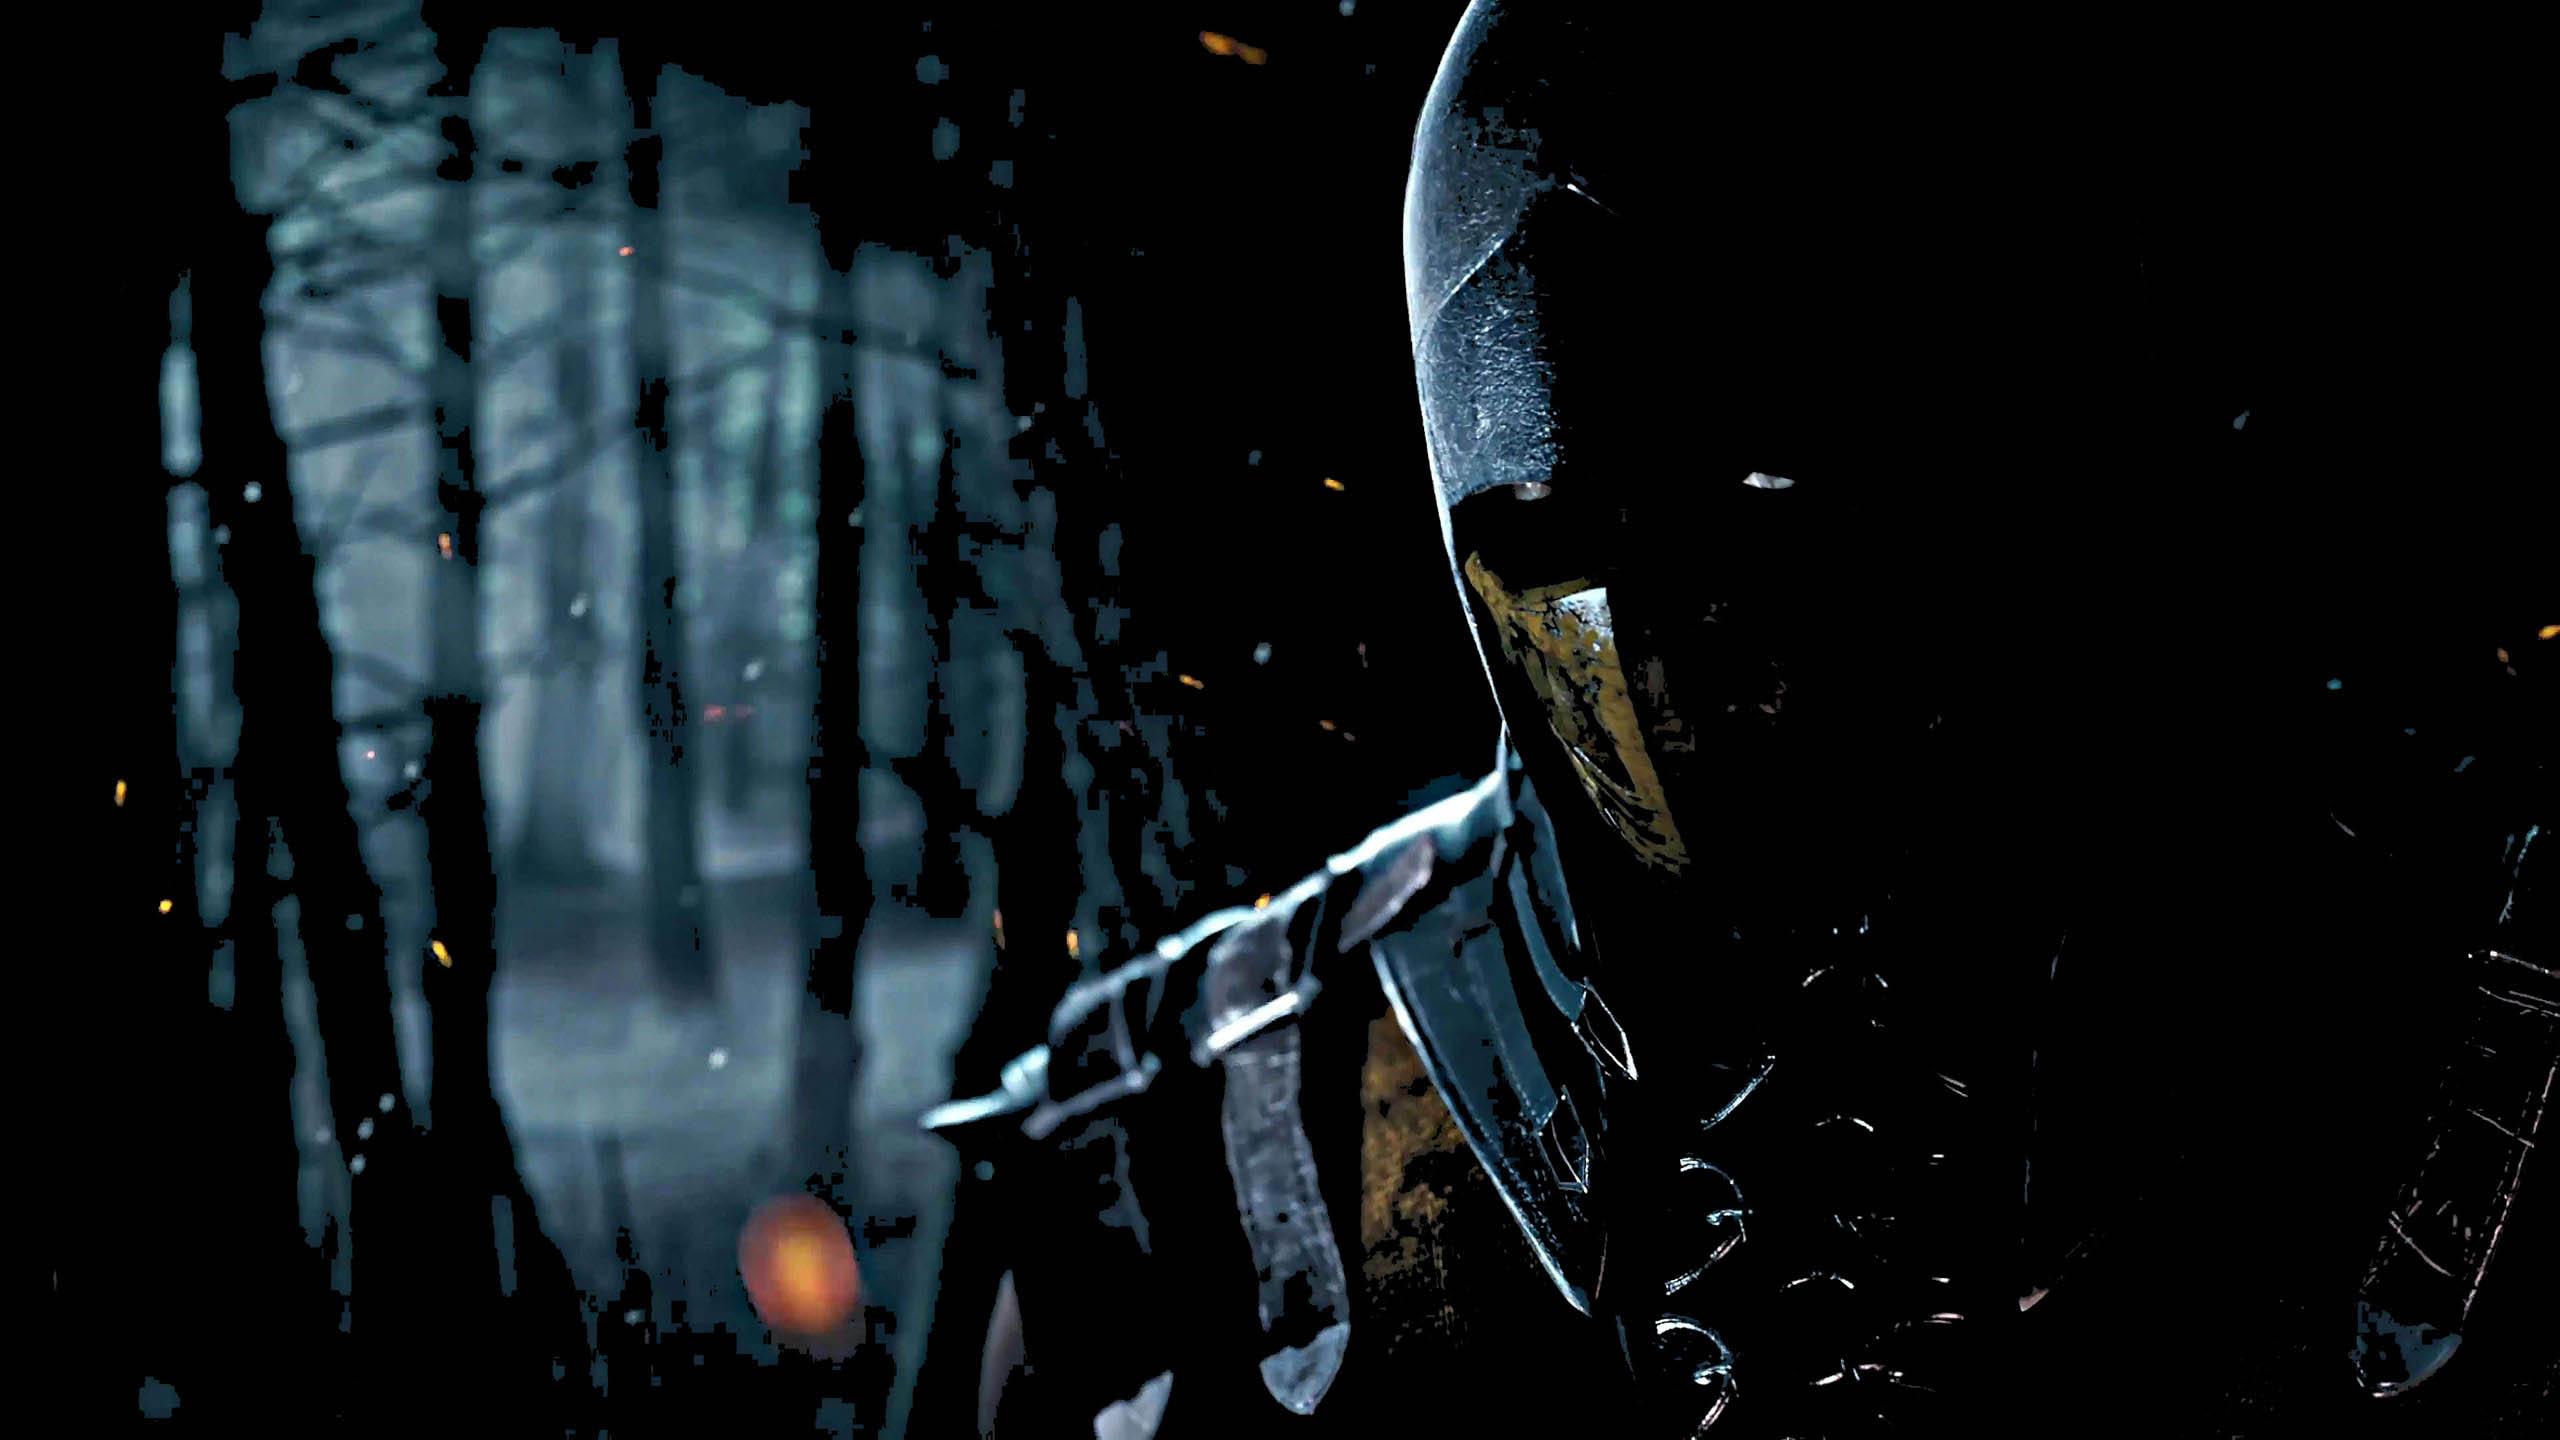 Mortal Kombat X Artwork Scorpion in the Dark   2560x1440 2560x1440